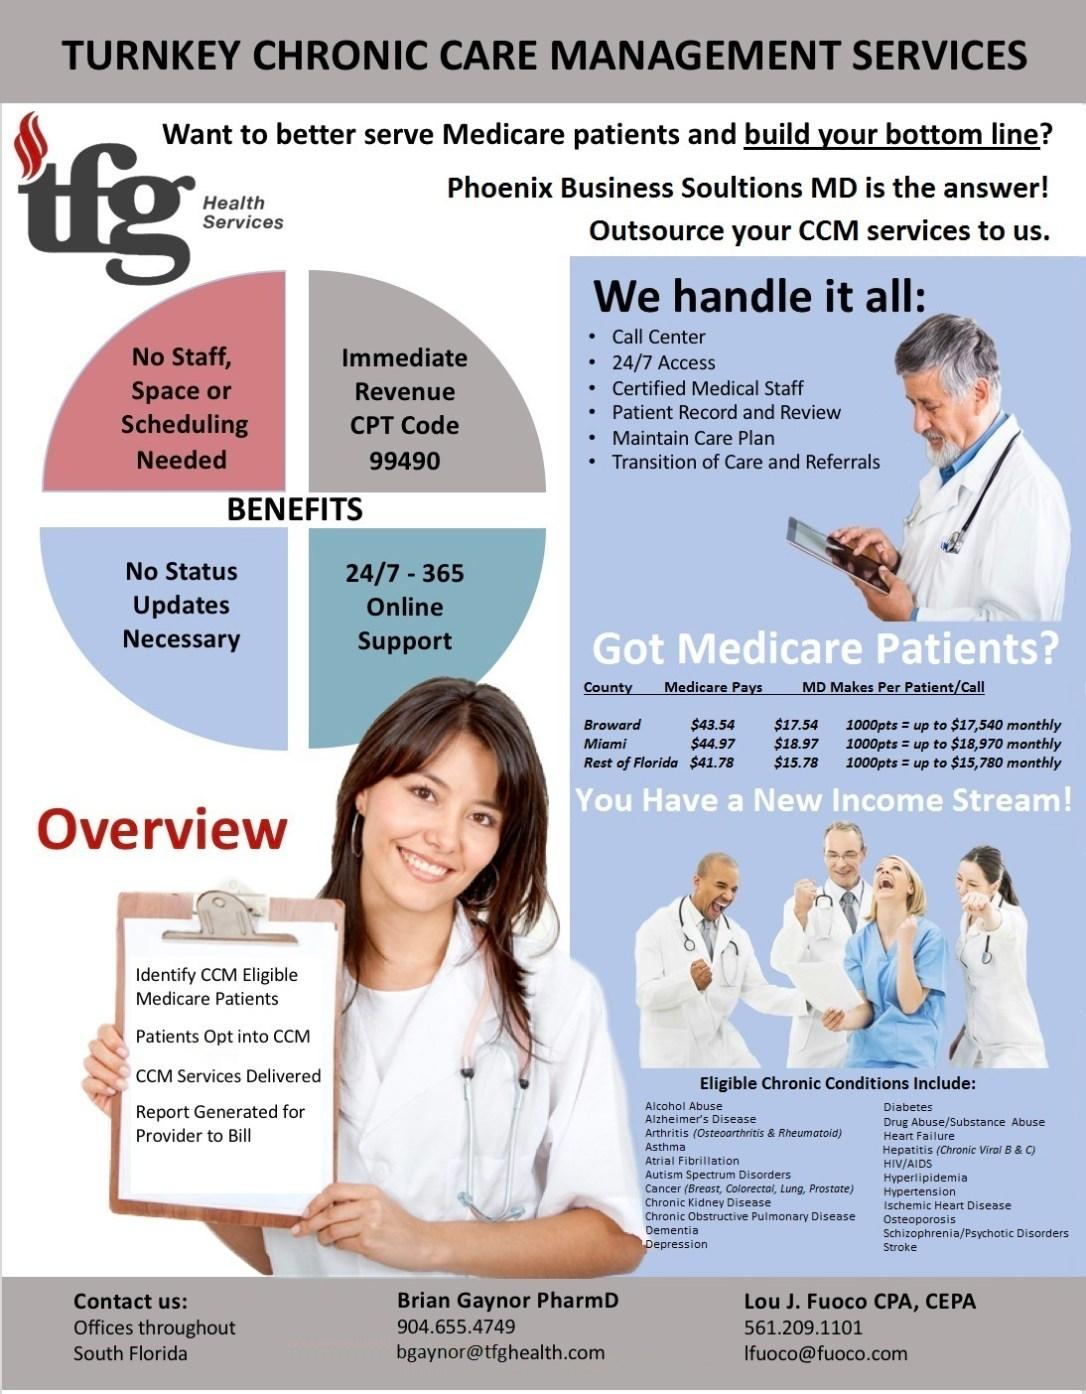 TFG Health CCM by PBSMD 2020